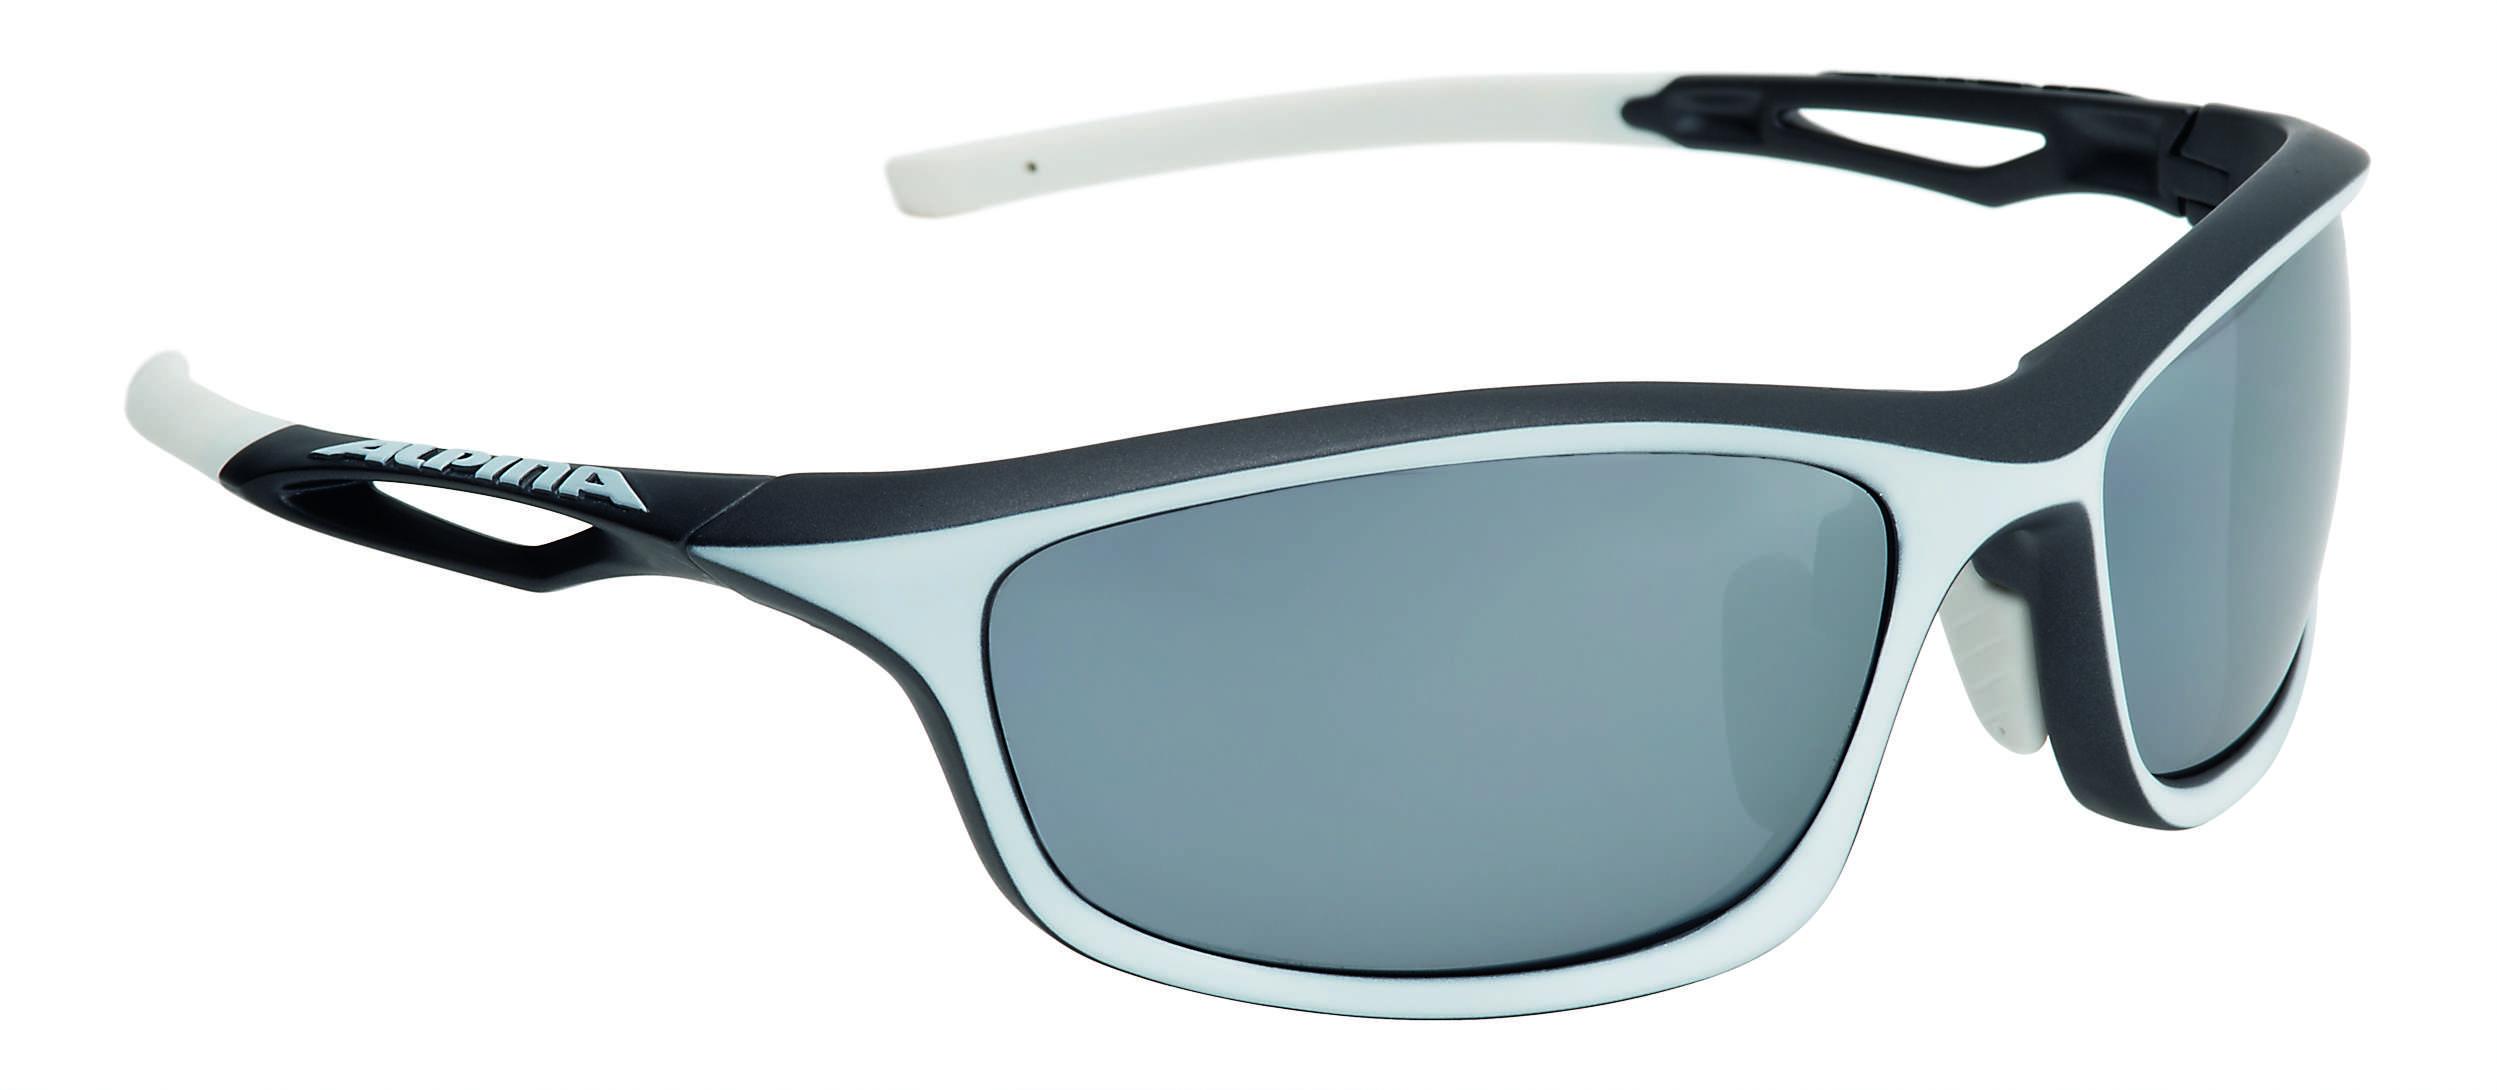 Купить Очки солнцезащитные Alpina PERFORMANCE SORCERY CM+ anthrac. matt-white matt, солнцезащитные, 1180507